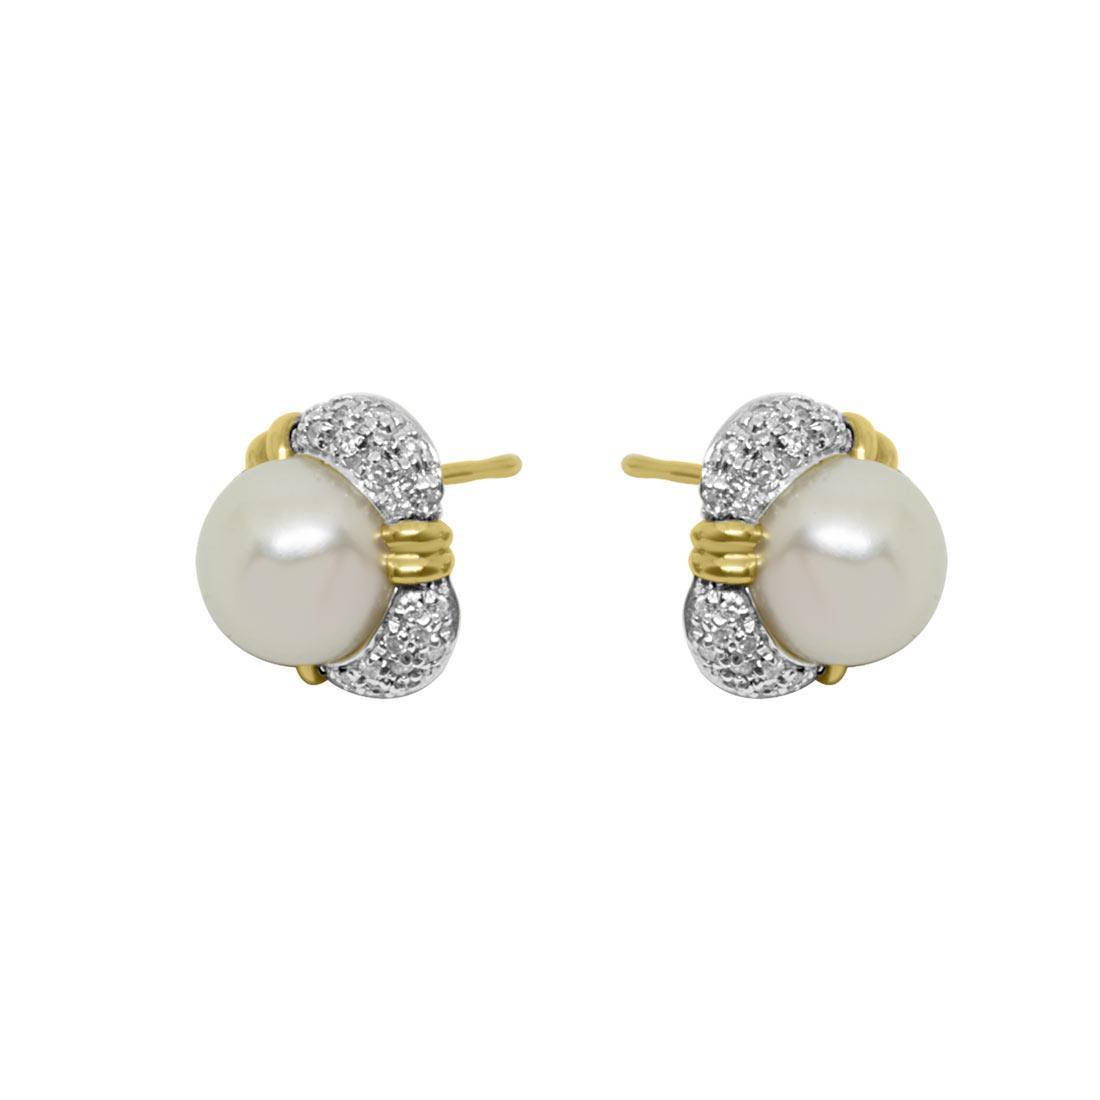 Orecchini in oro giallo con pavé di diamanti e perle - ORO&CO